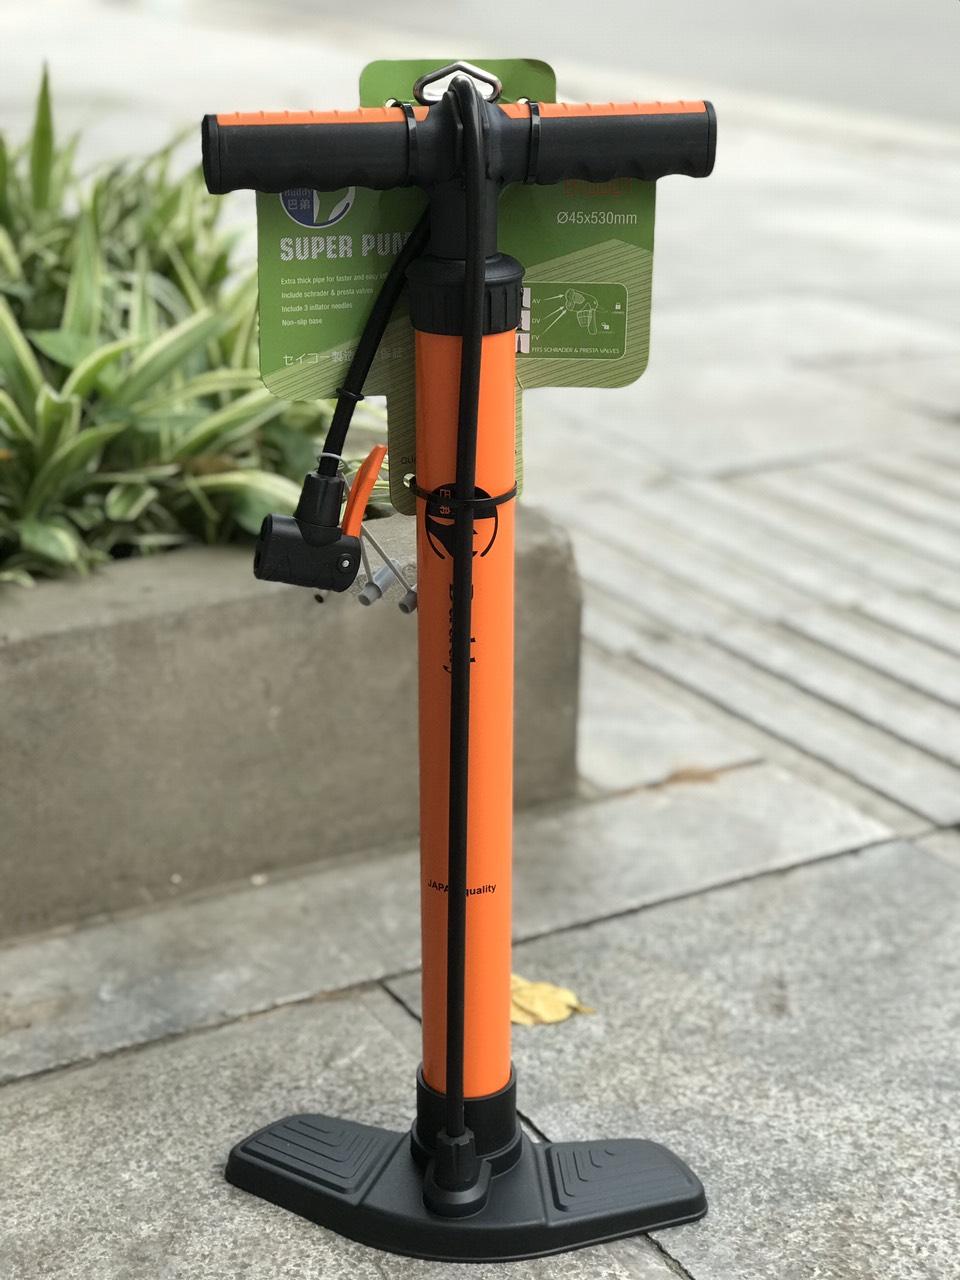 Bơm lốp xe đạp xe máy chính hãng BUDDY - Nhật Bản